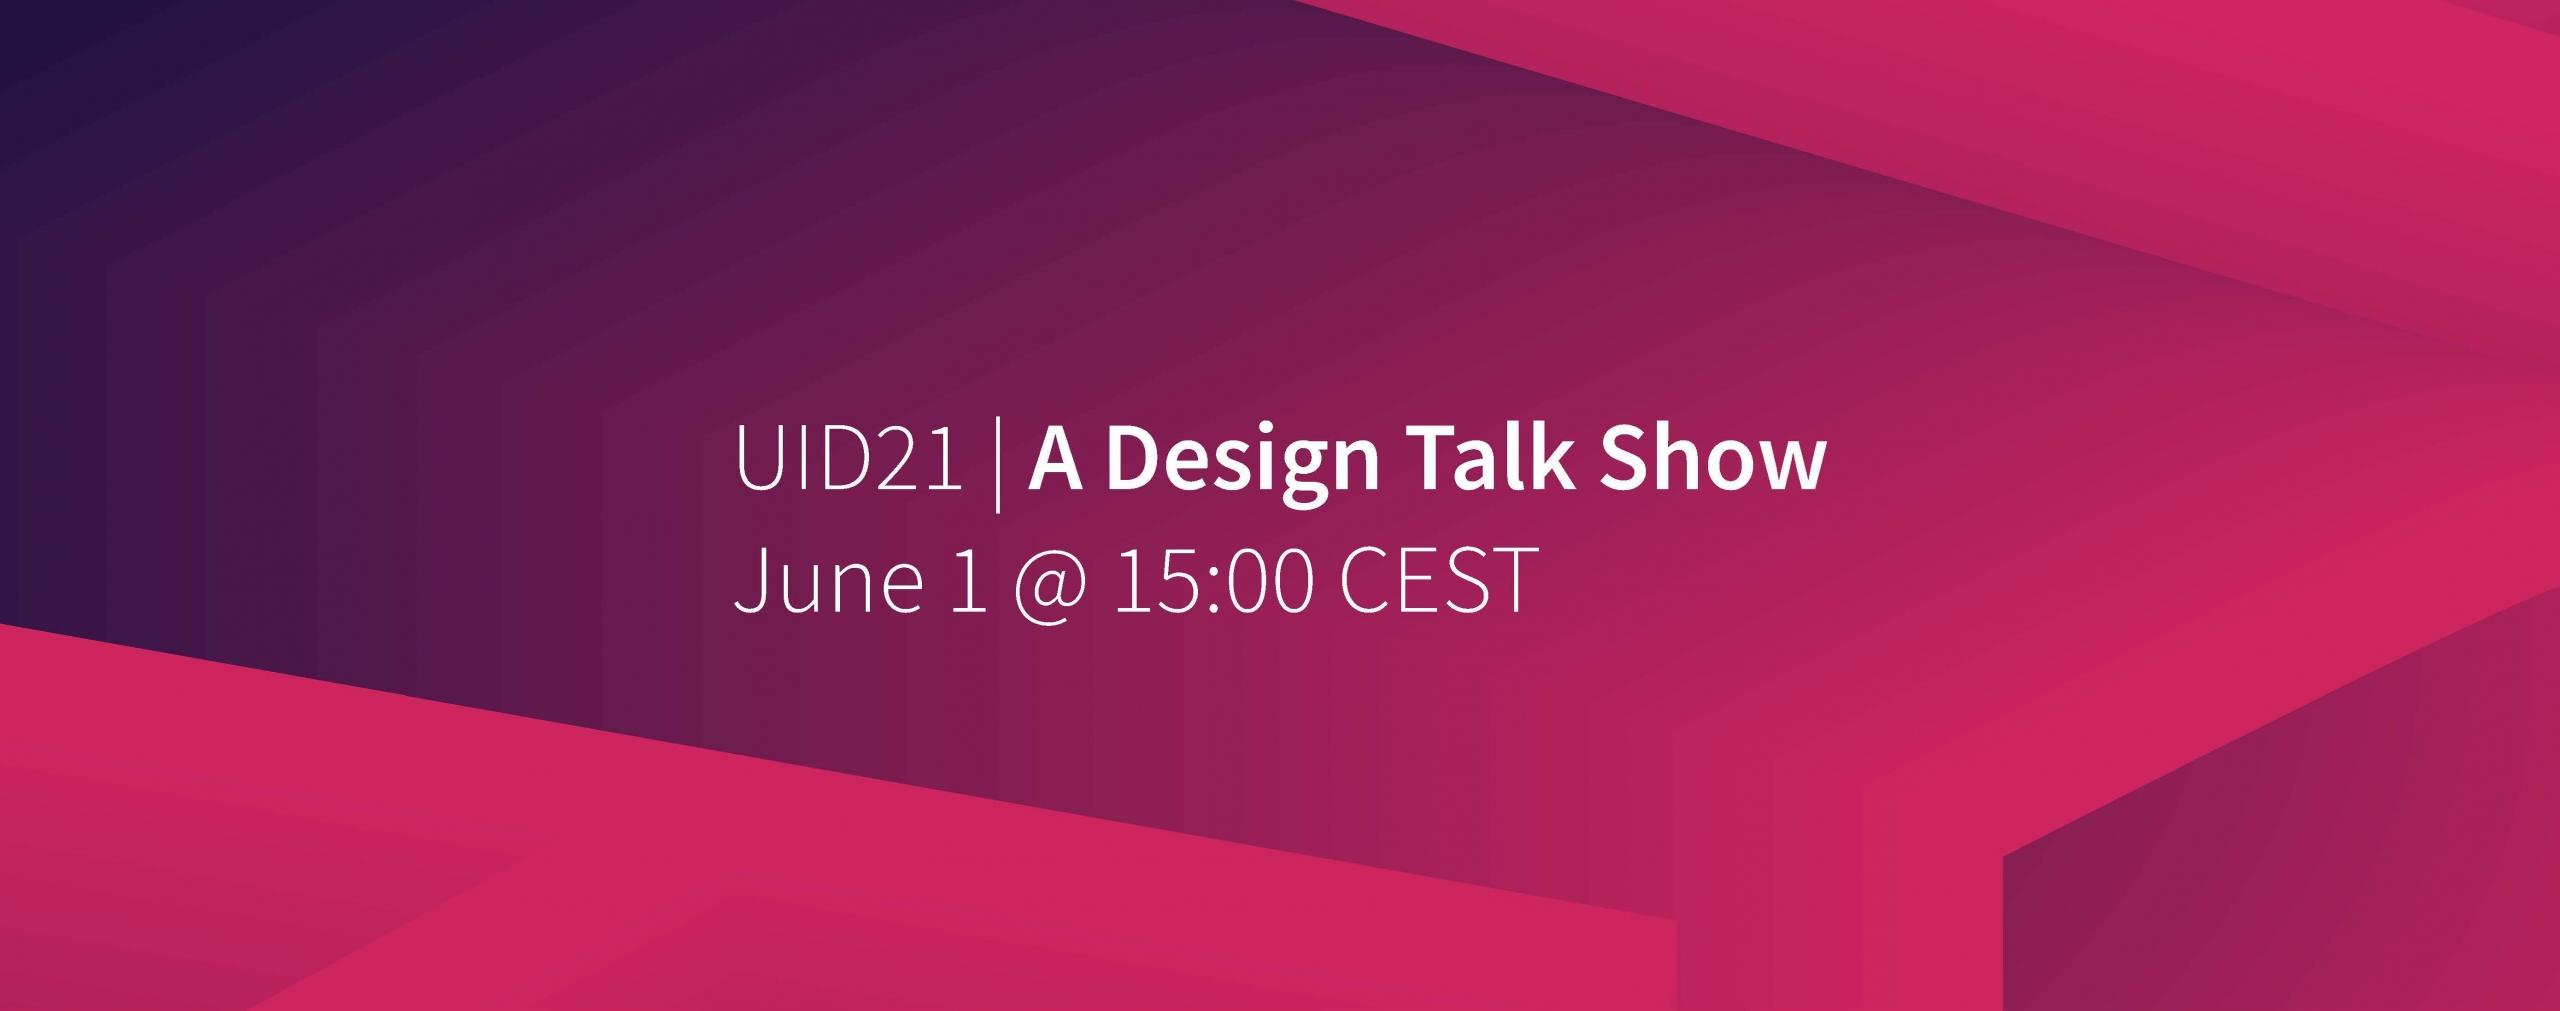 UID21 A Design Talk Show